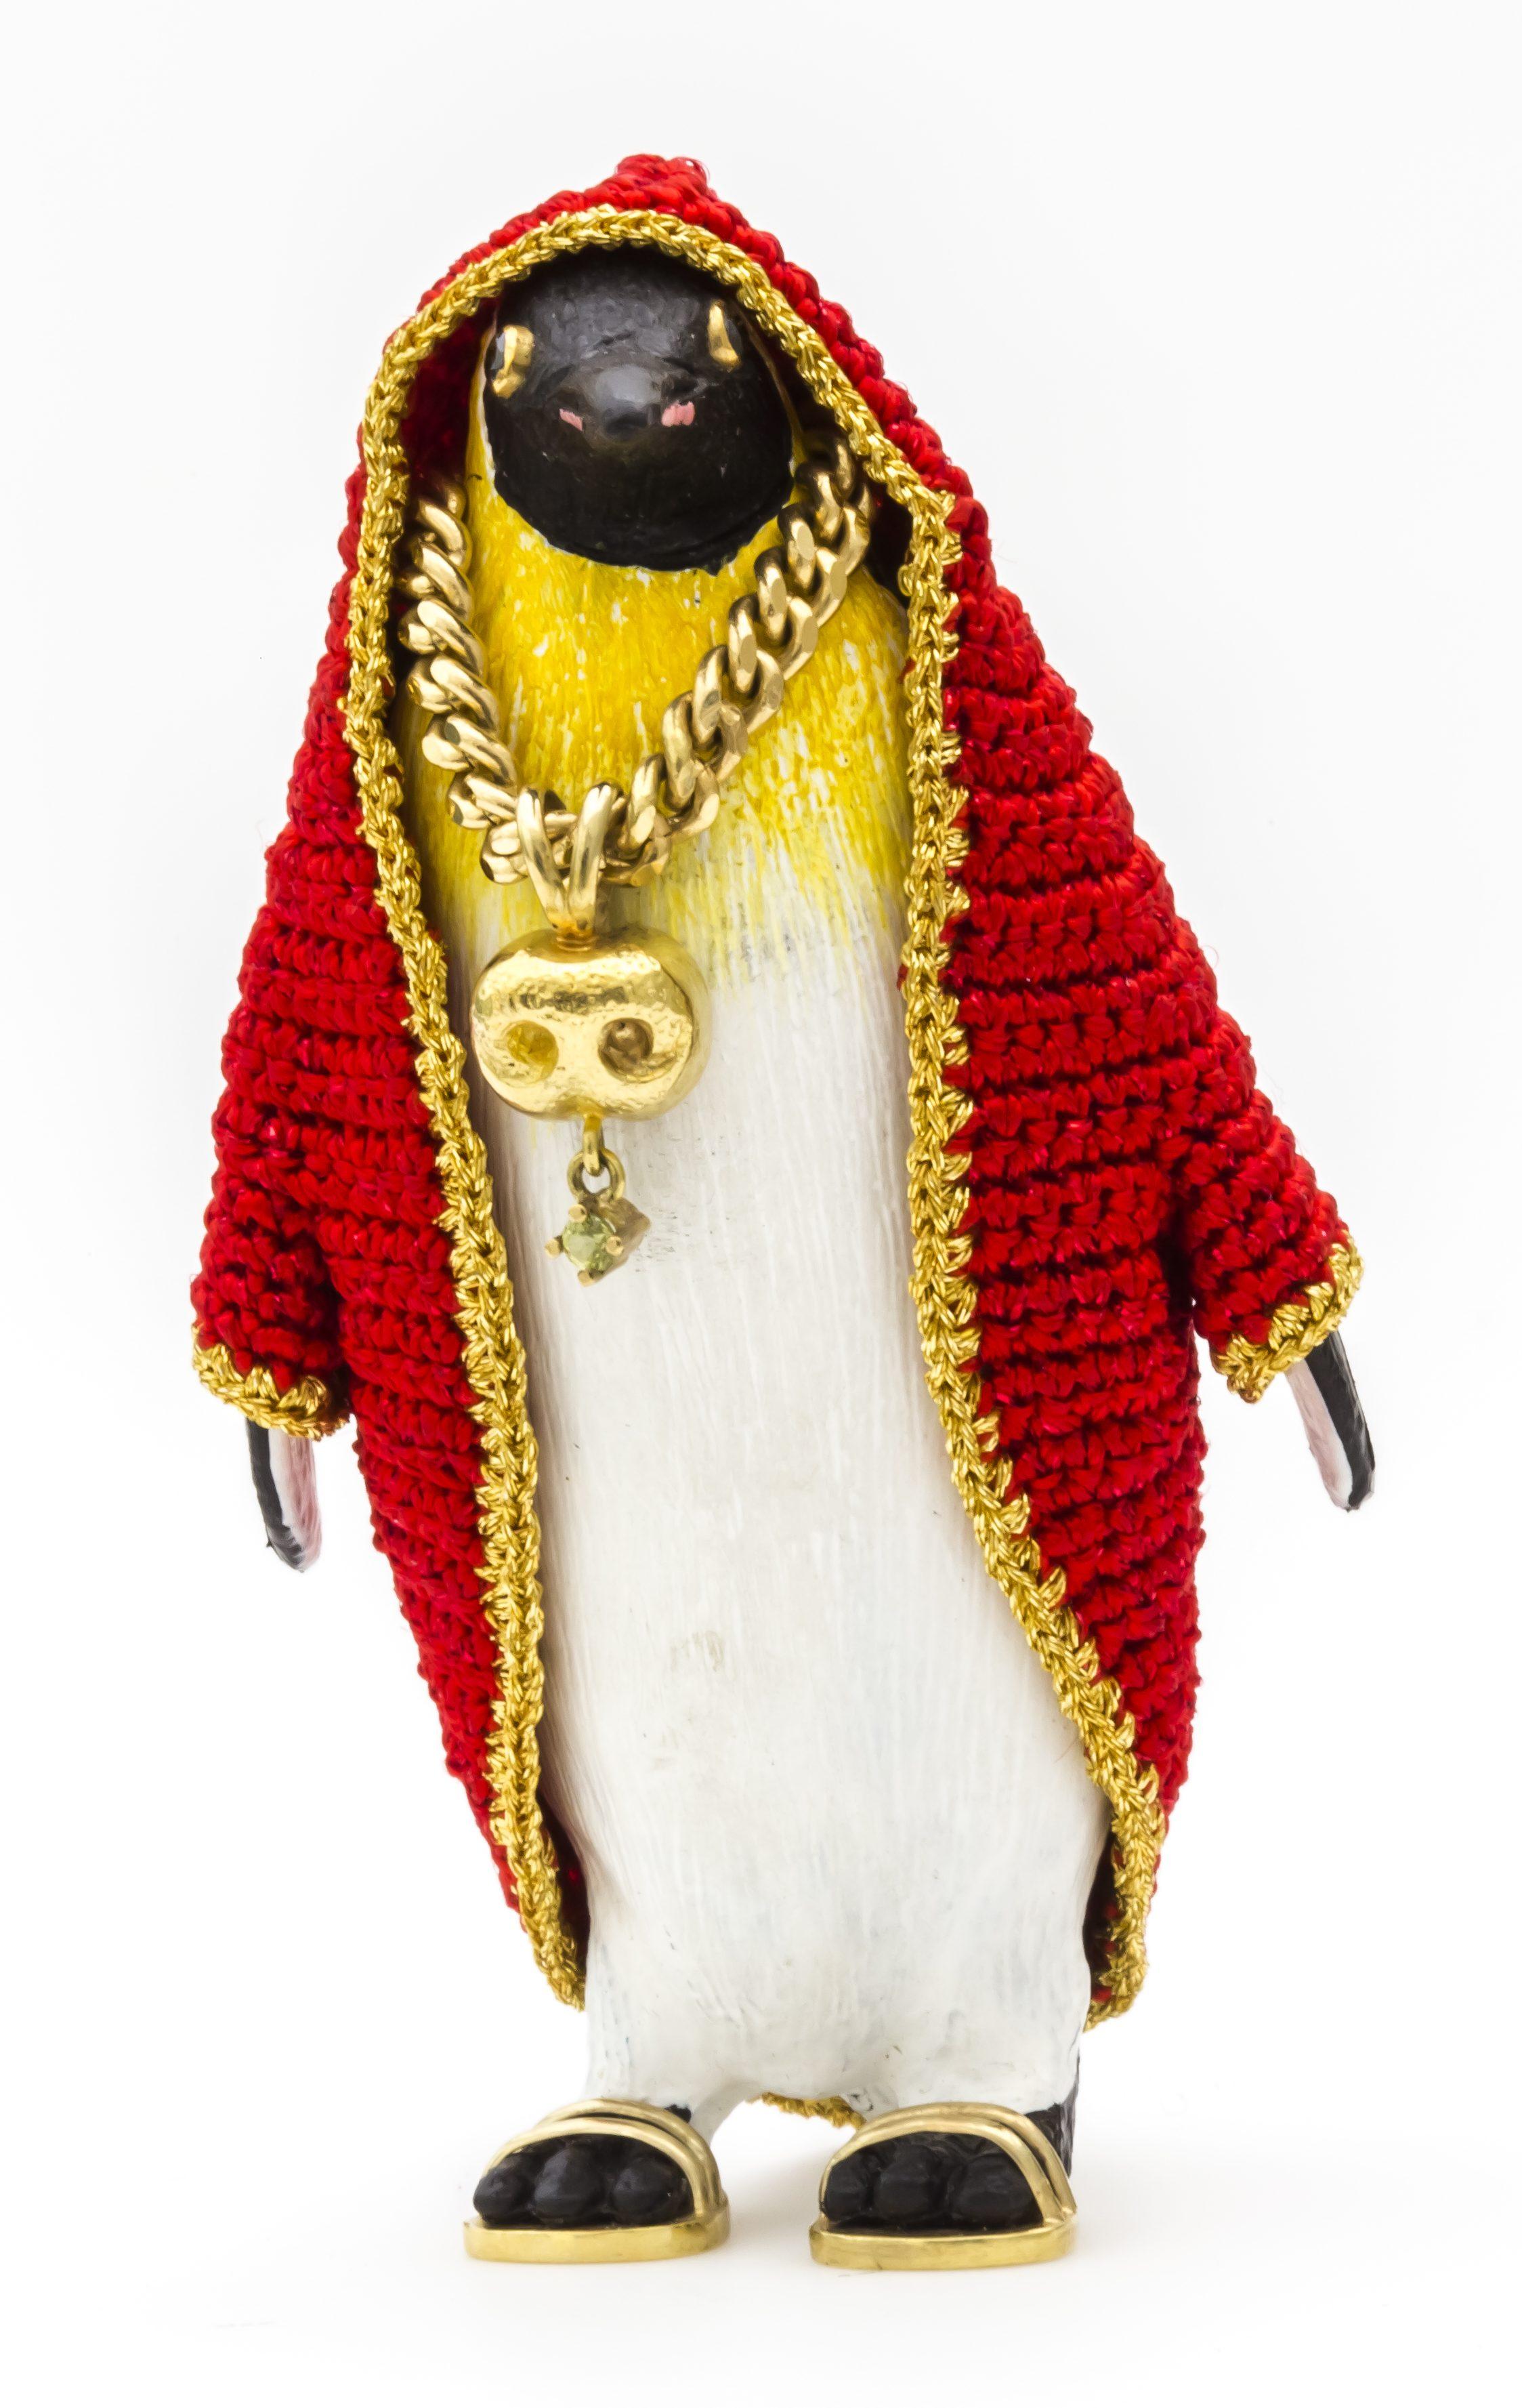 Felieke van der Leest, Emperor Penguin Eddy with Polar Bear Nose (the necklace), ring, 2003. Collectie Ida Boelen-van Gelder. Fotografie Aldo Smit©